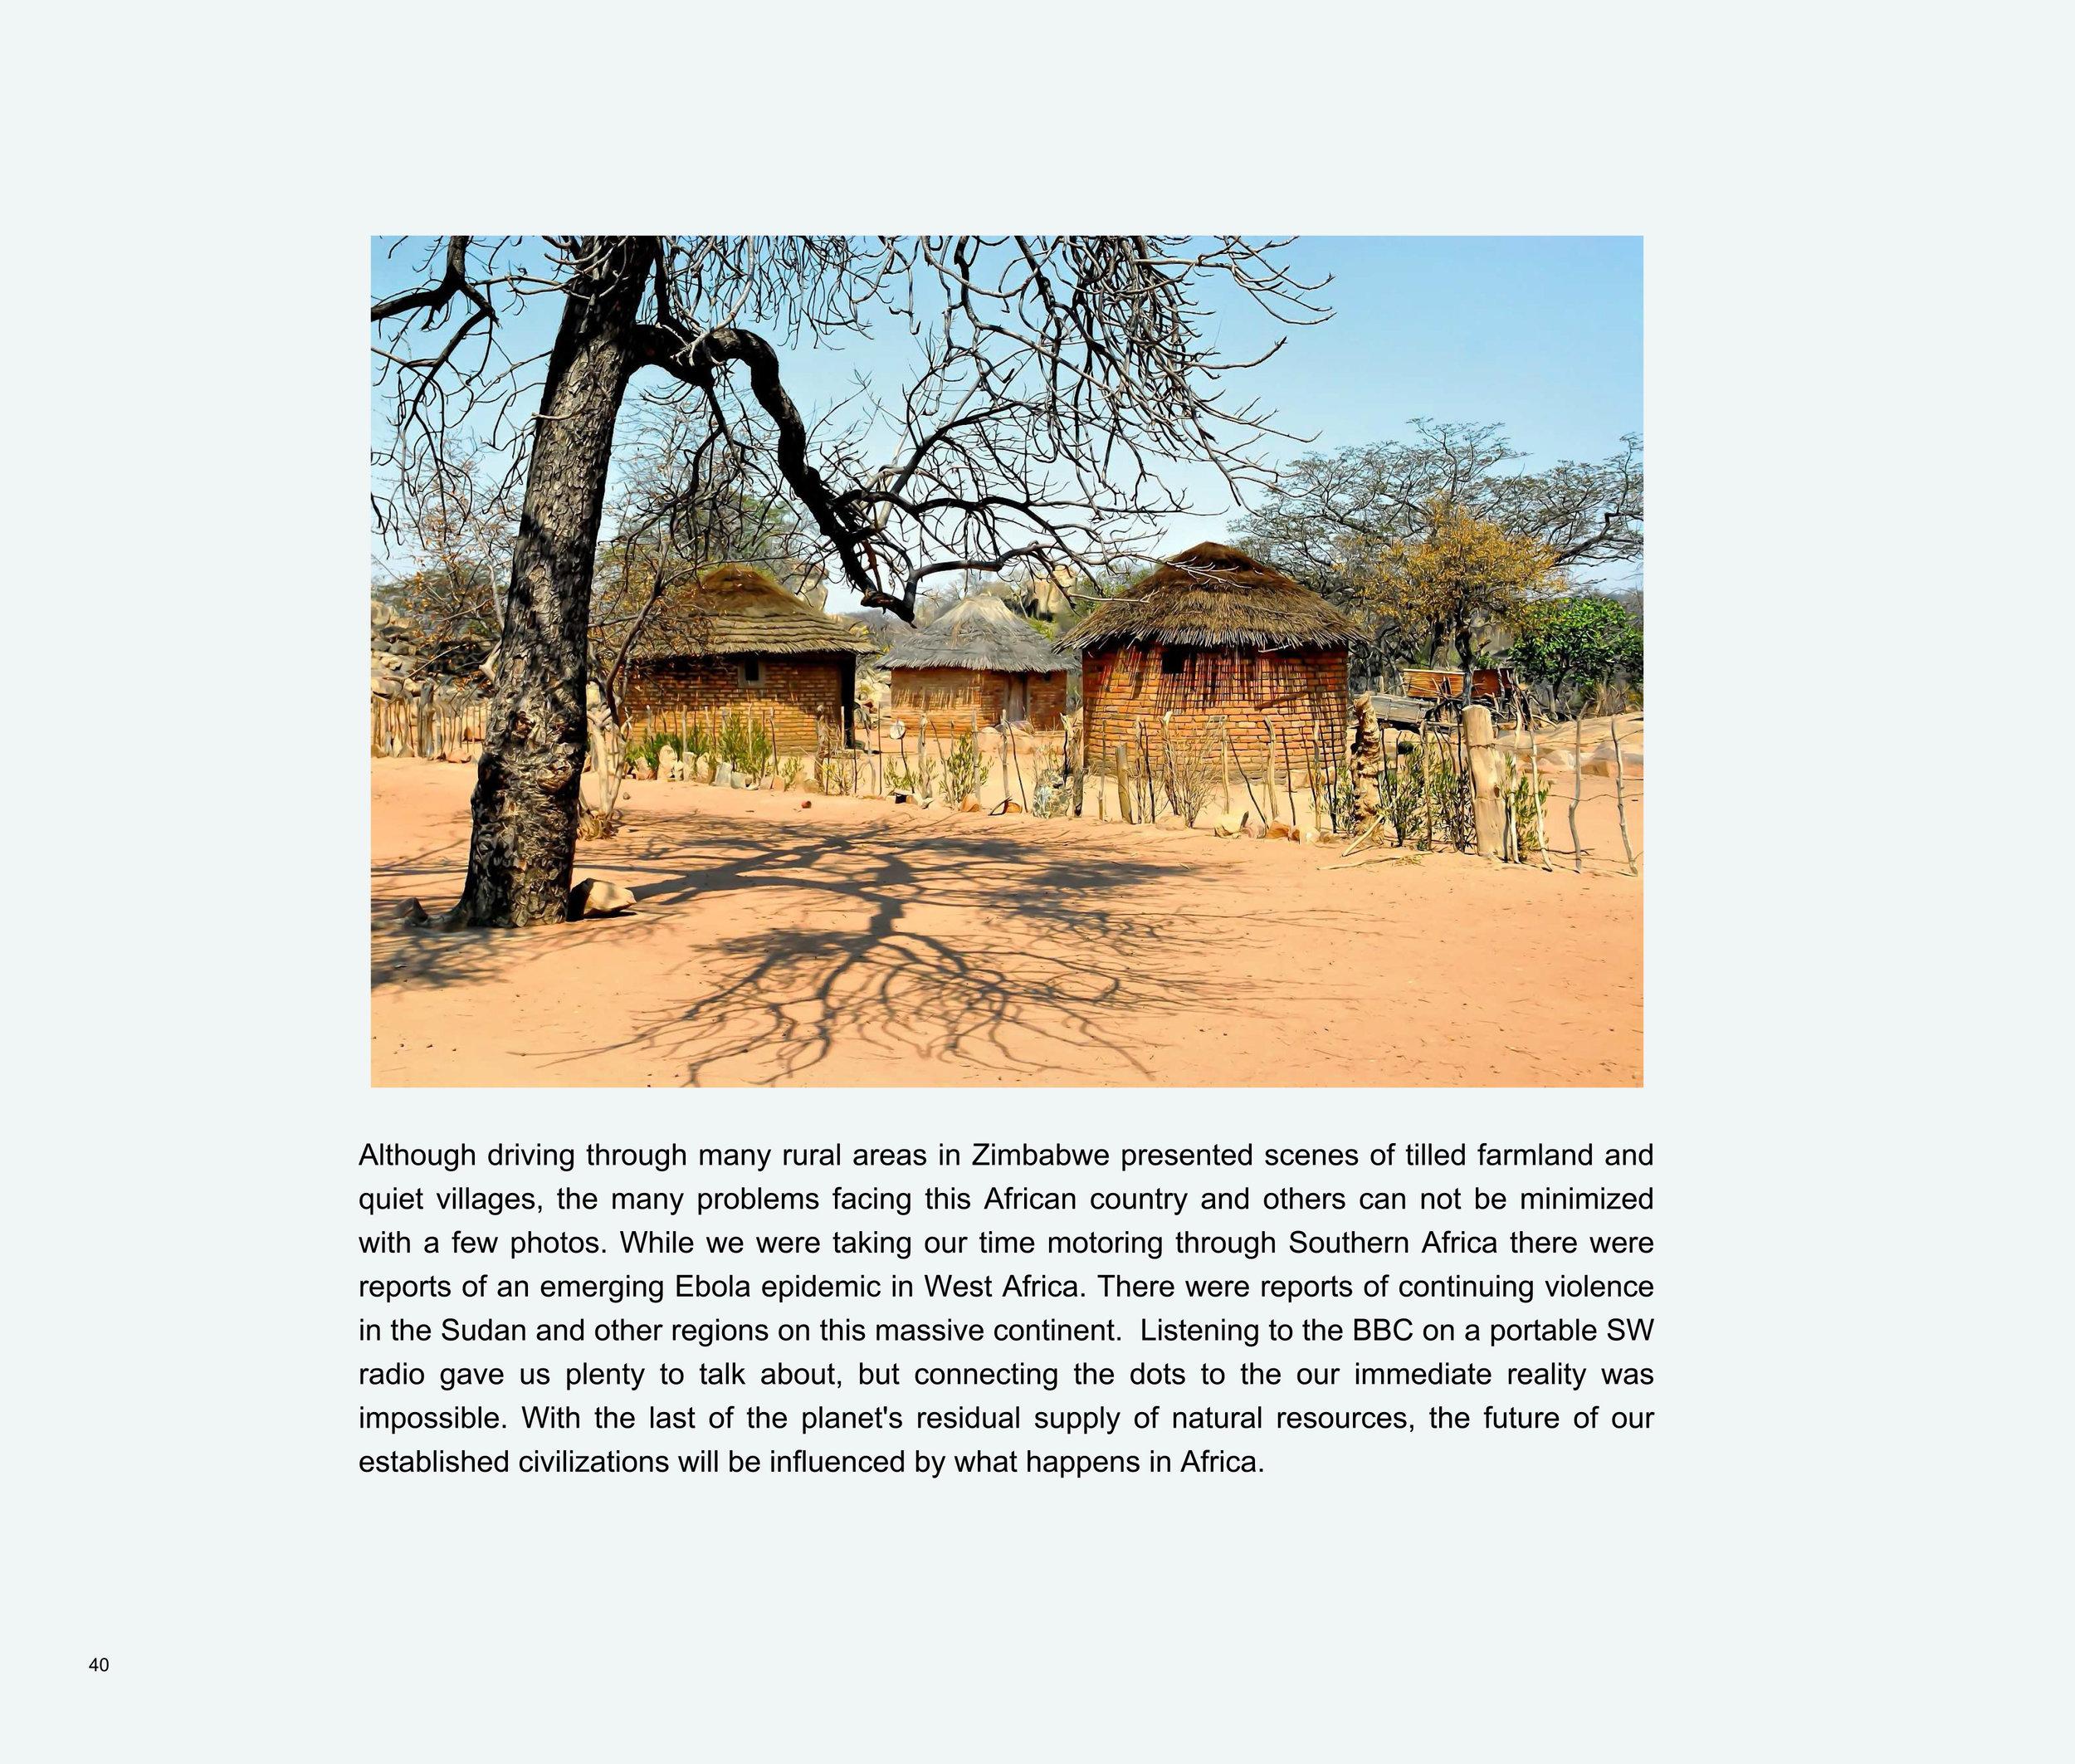 ImagesASouthernAfricaRoadTrip-42.jpg